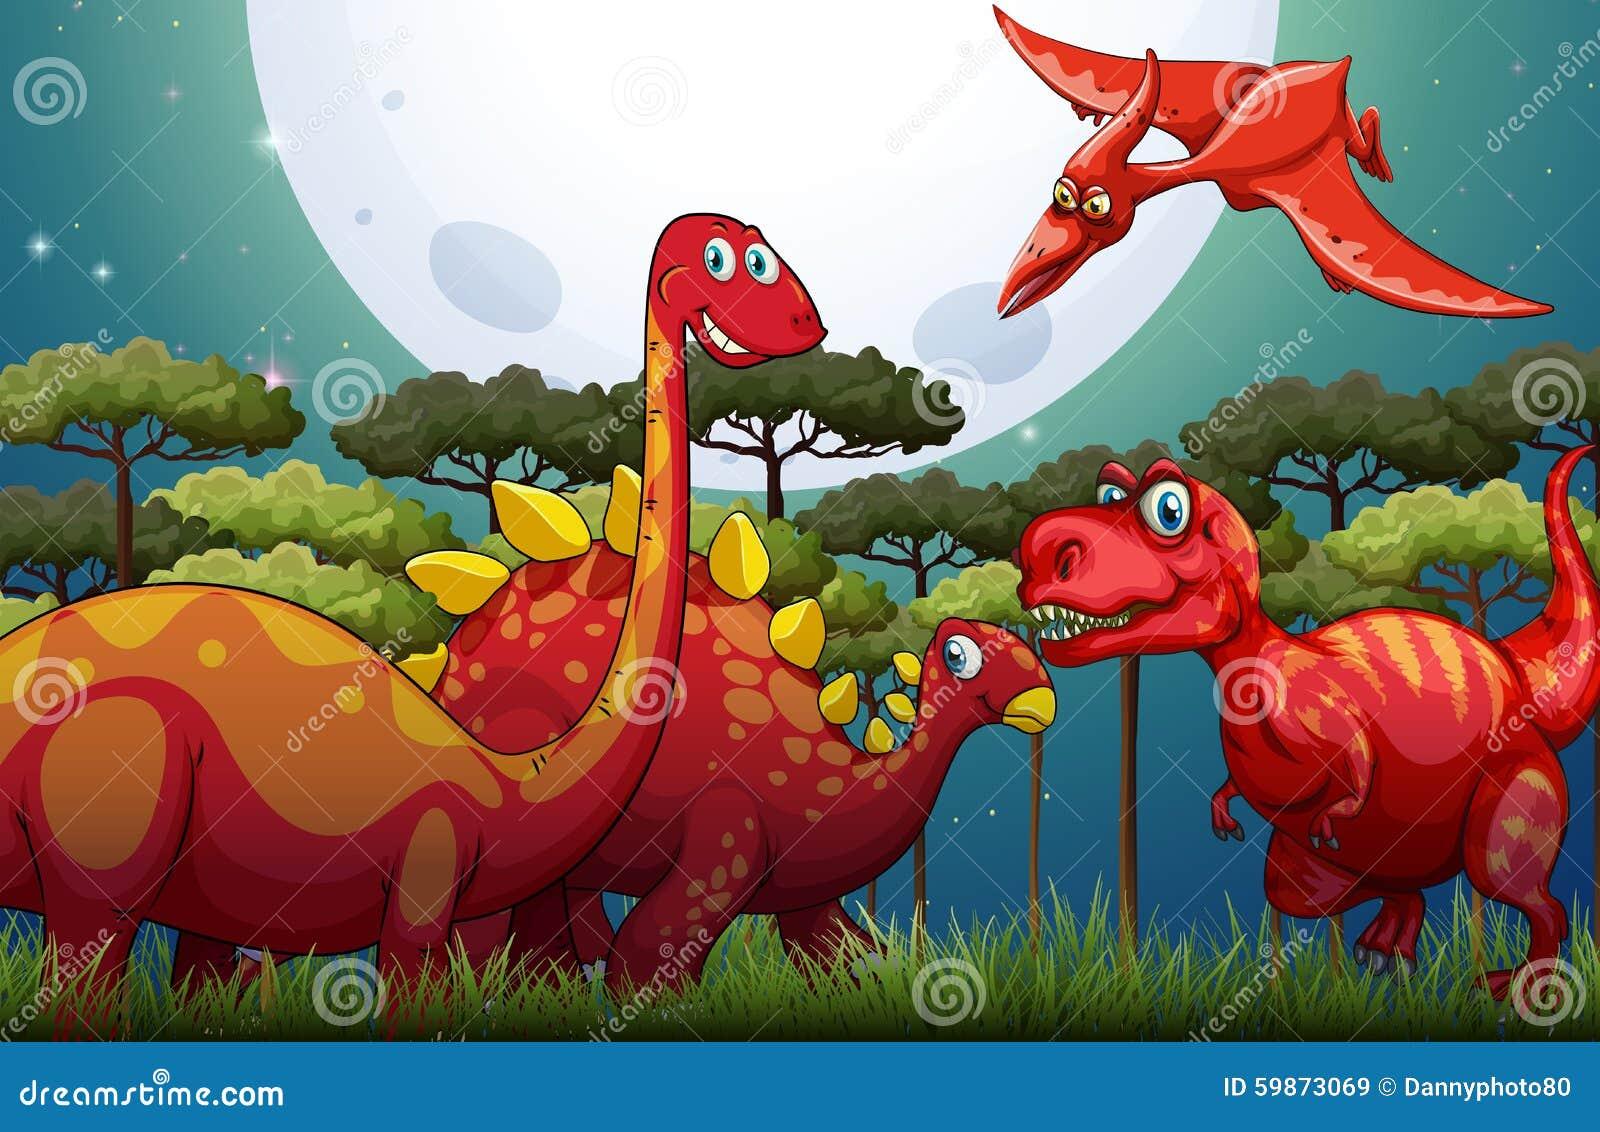 Czerwoni dinosuars pod księżyc w pełni w naturze